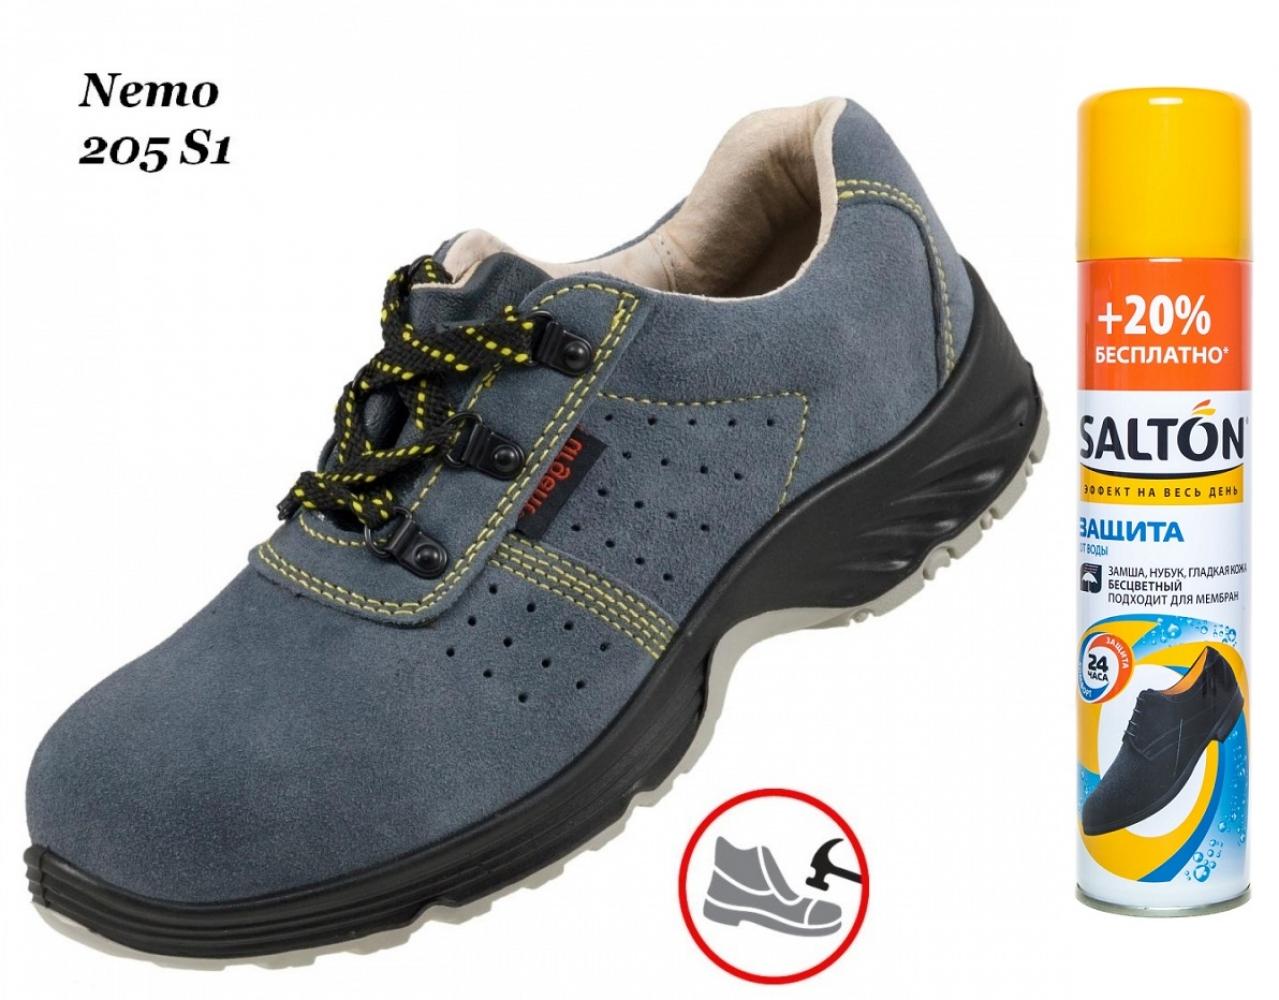 Робоче взуття з металевим носком Nemo 205S1 + Захист від води SALTON в  подарунок ... 36f4cfbdc27ce